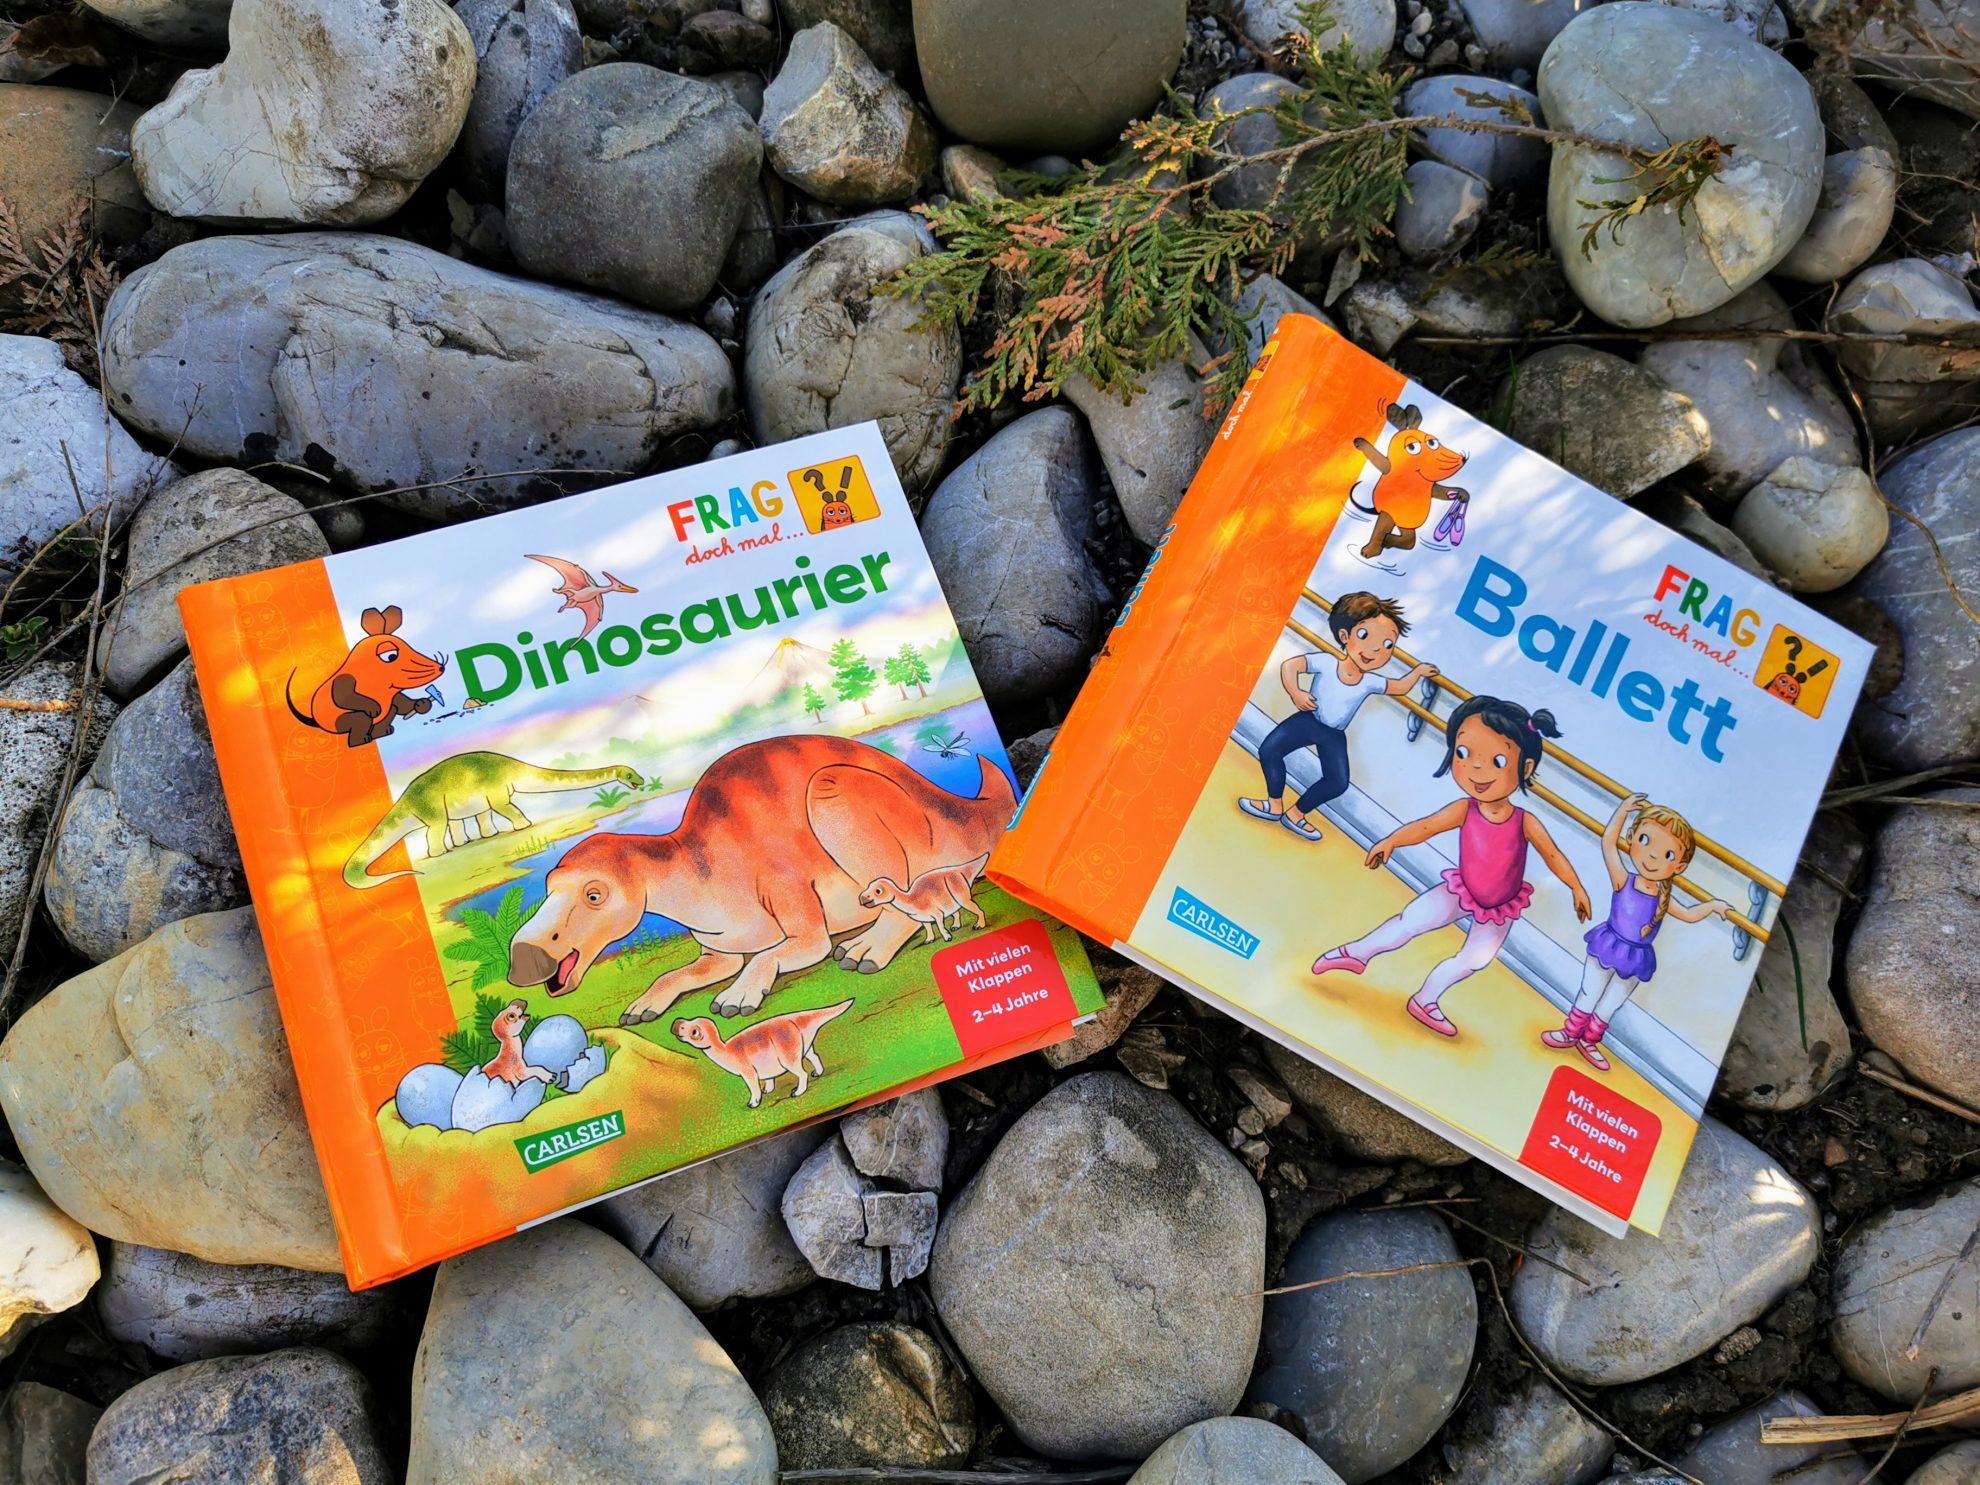 Alles über Dinosaurier und Ballett findest du in diesen beiden Pappbüchern aus dem Carlsen Verlag für Kinder ab 2 Jahren.